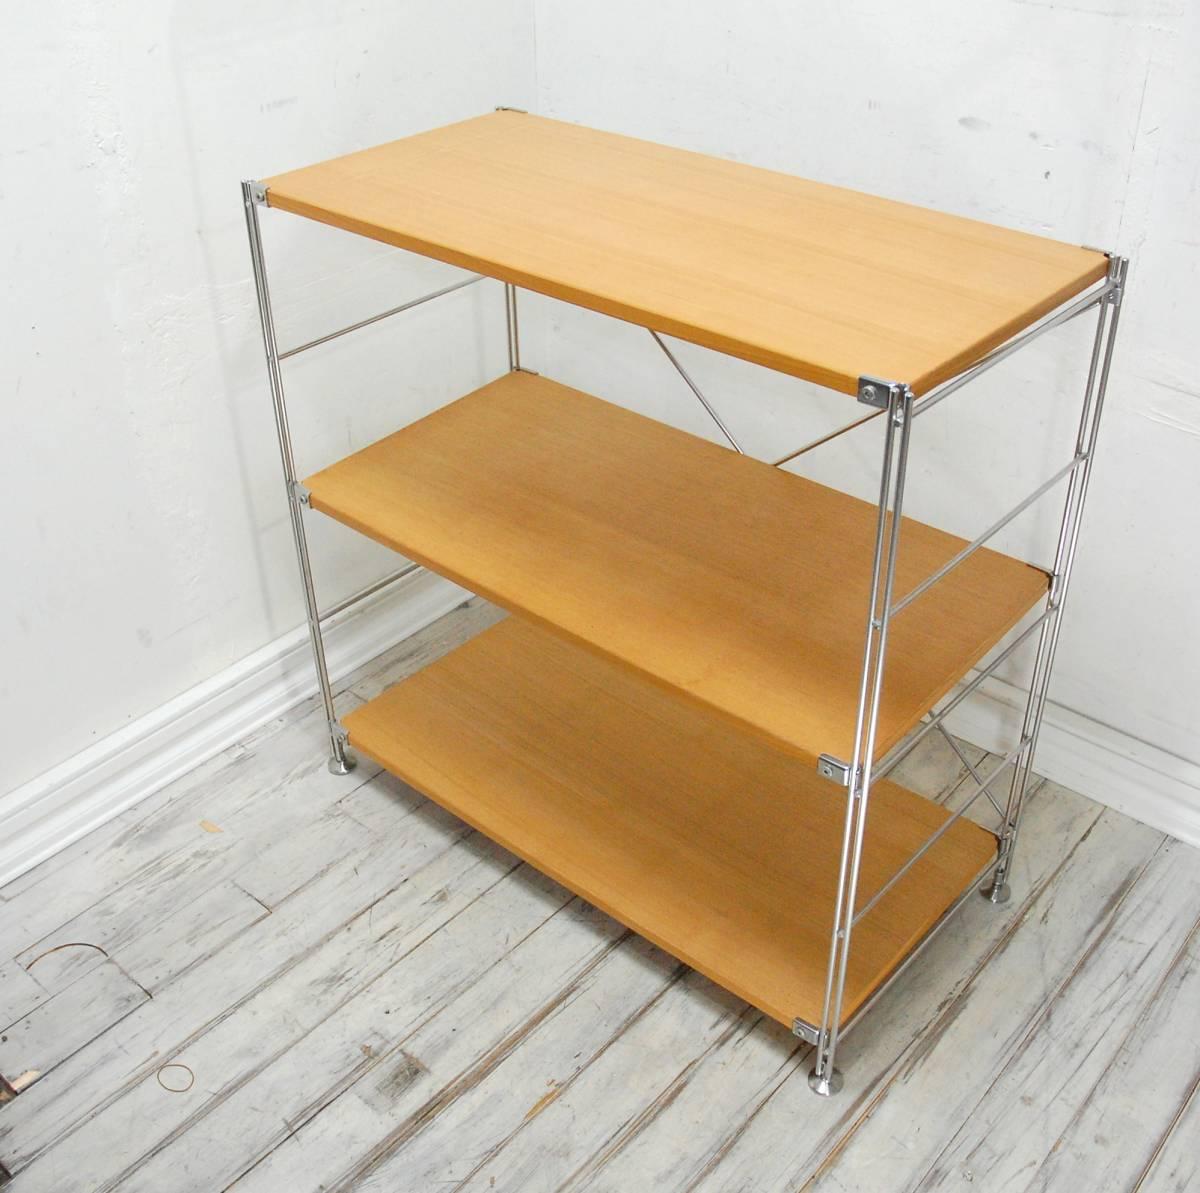 無印良品 MUJI ステンレスユニットシェルフ タモ材 木製棚セット ワイド 3段 2